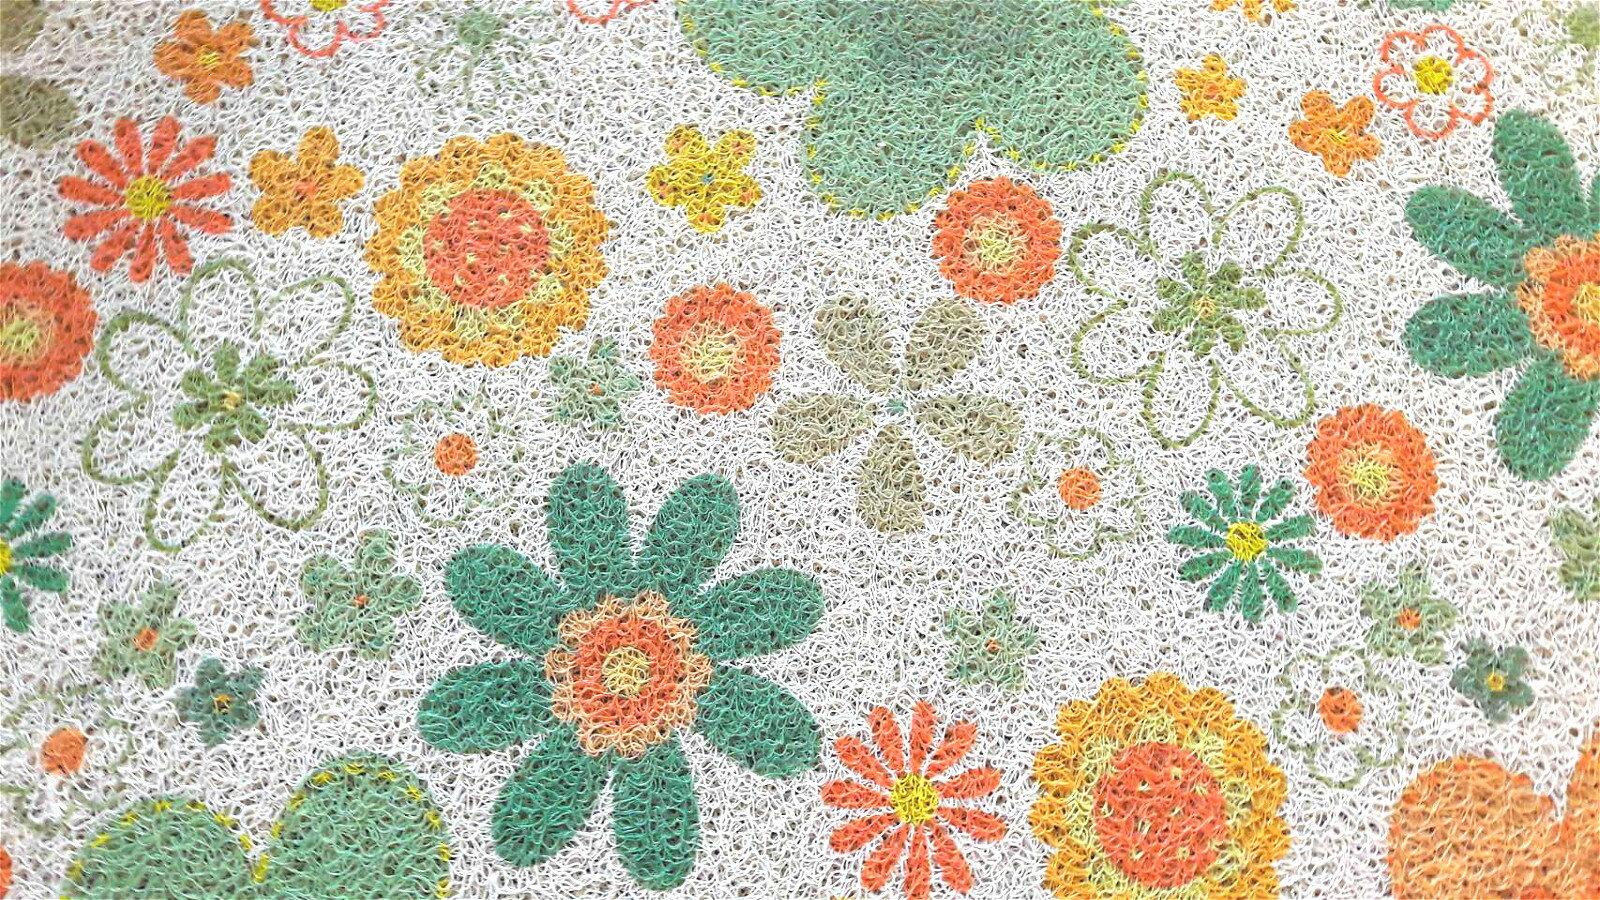 La maison生活小舖《印花刮泥繪圖地墊腳踏墊》可愛黃綠花朵繽紛圖案 耐用防滑 玄關、客廳、車裡皆適用 不同於一般刮泥圖案 放在美觀大方 地墊/軟墊/腳踏墊/止滑墊/刮墊/車用墊 40X60CM不佔空間